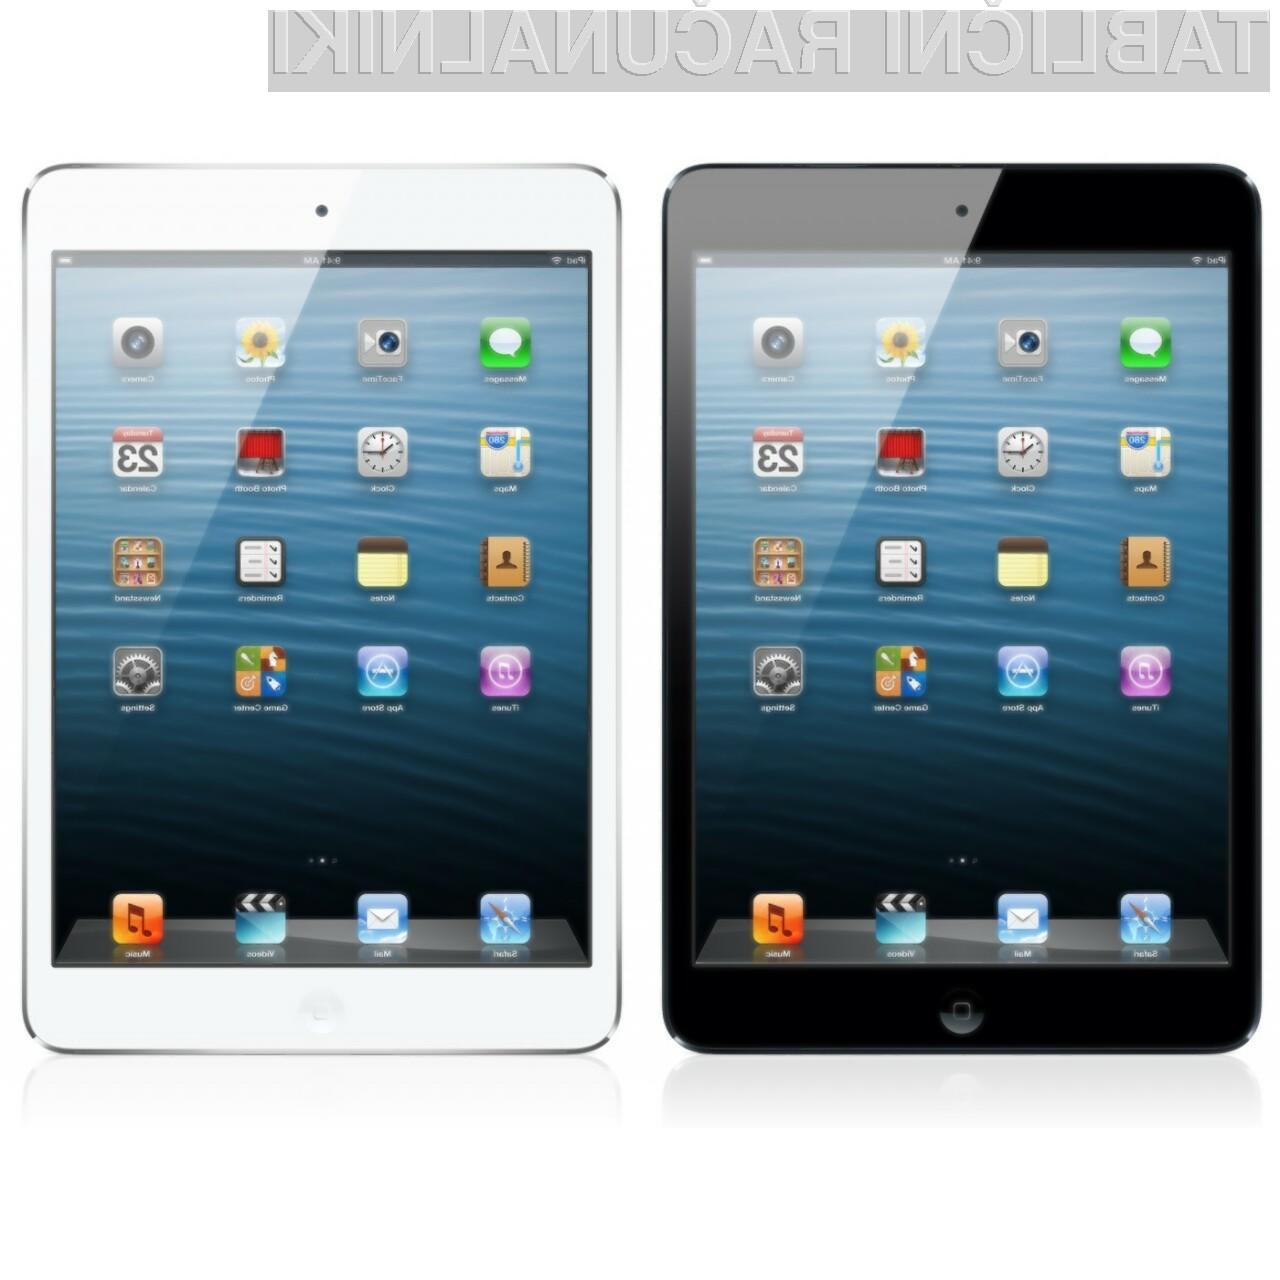 iPad mini je primeren za nekoliko manj zahtevne kupce.